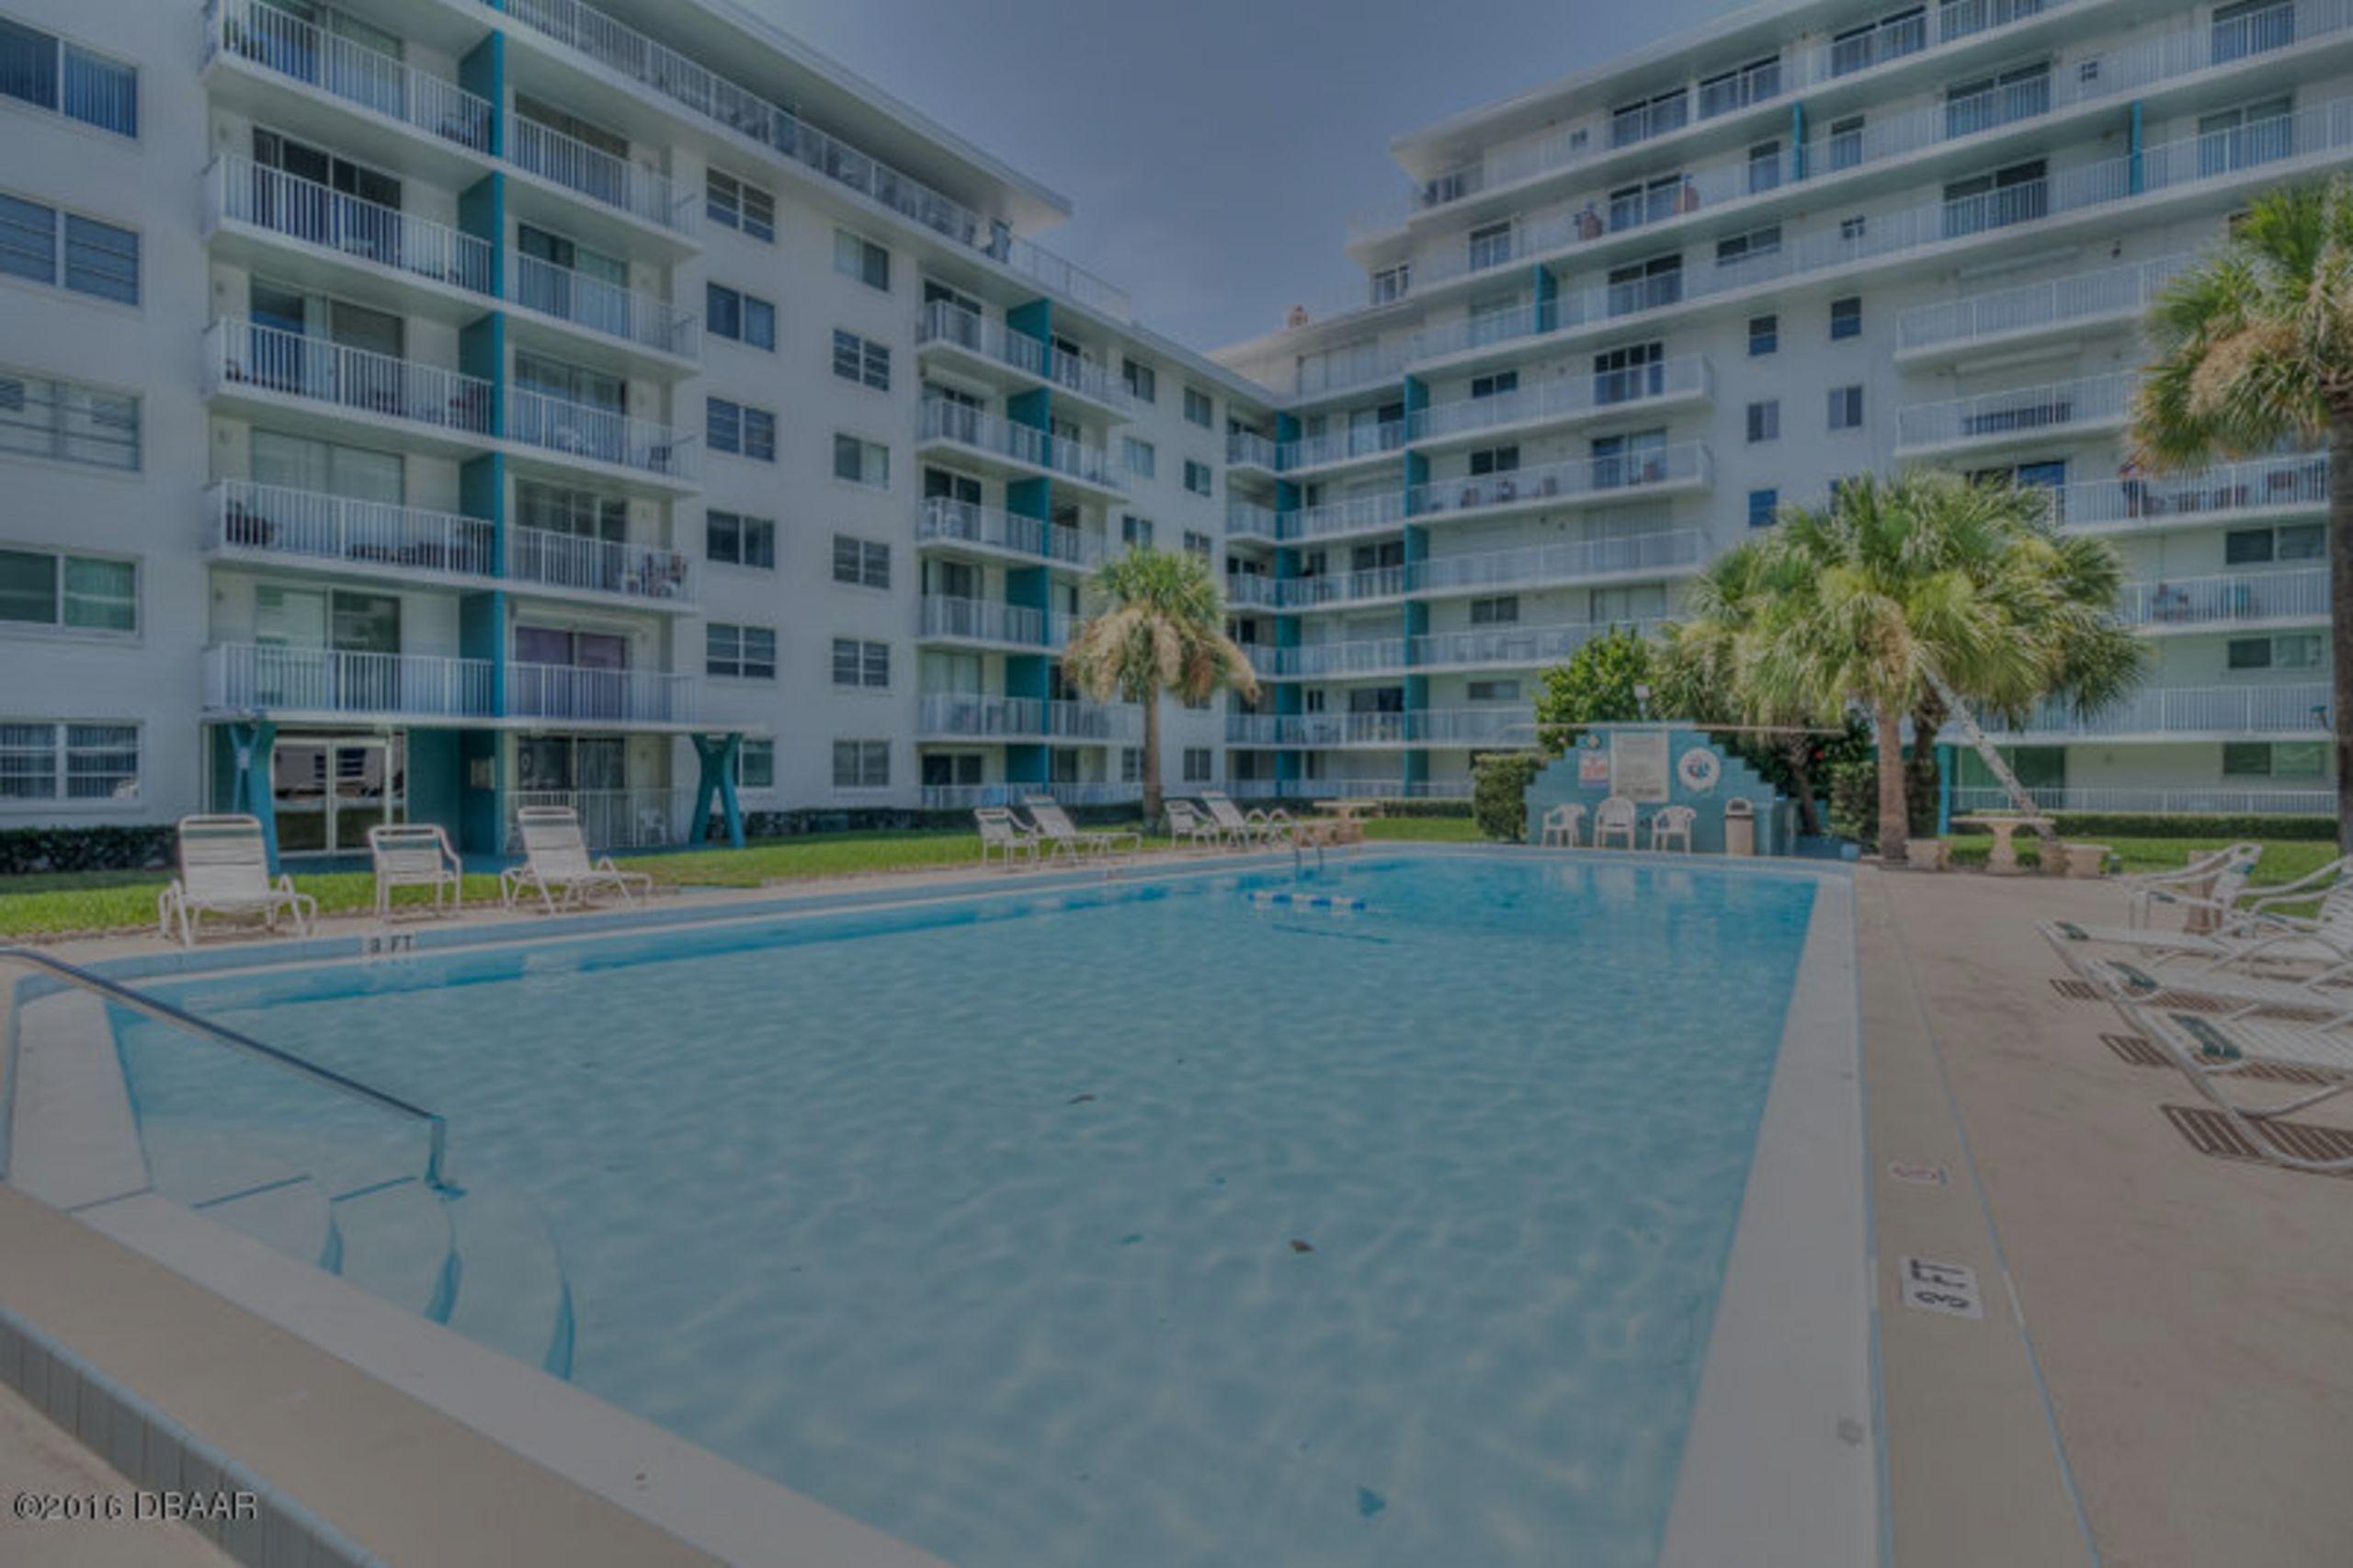 Daytona Beach Bellair Condo for Sale